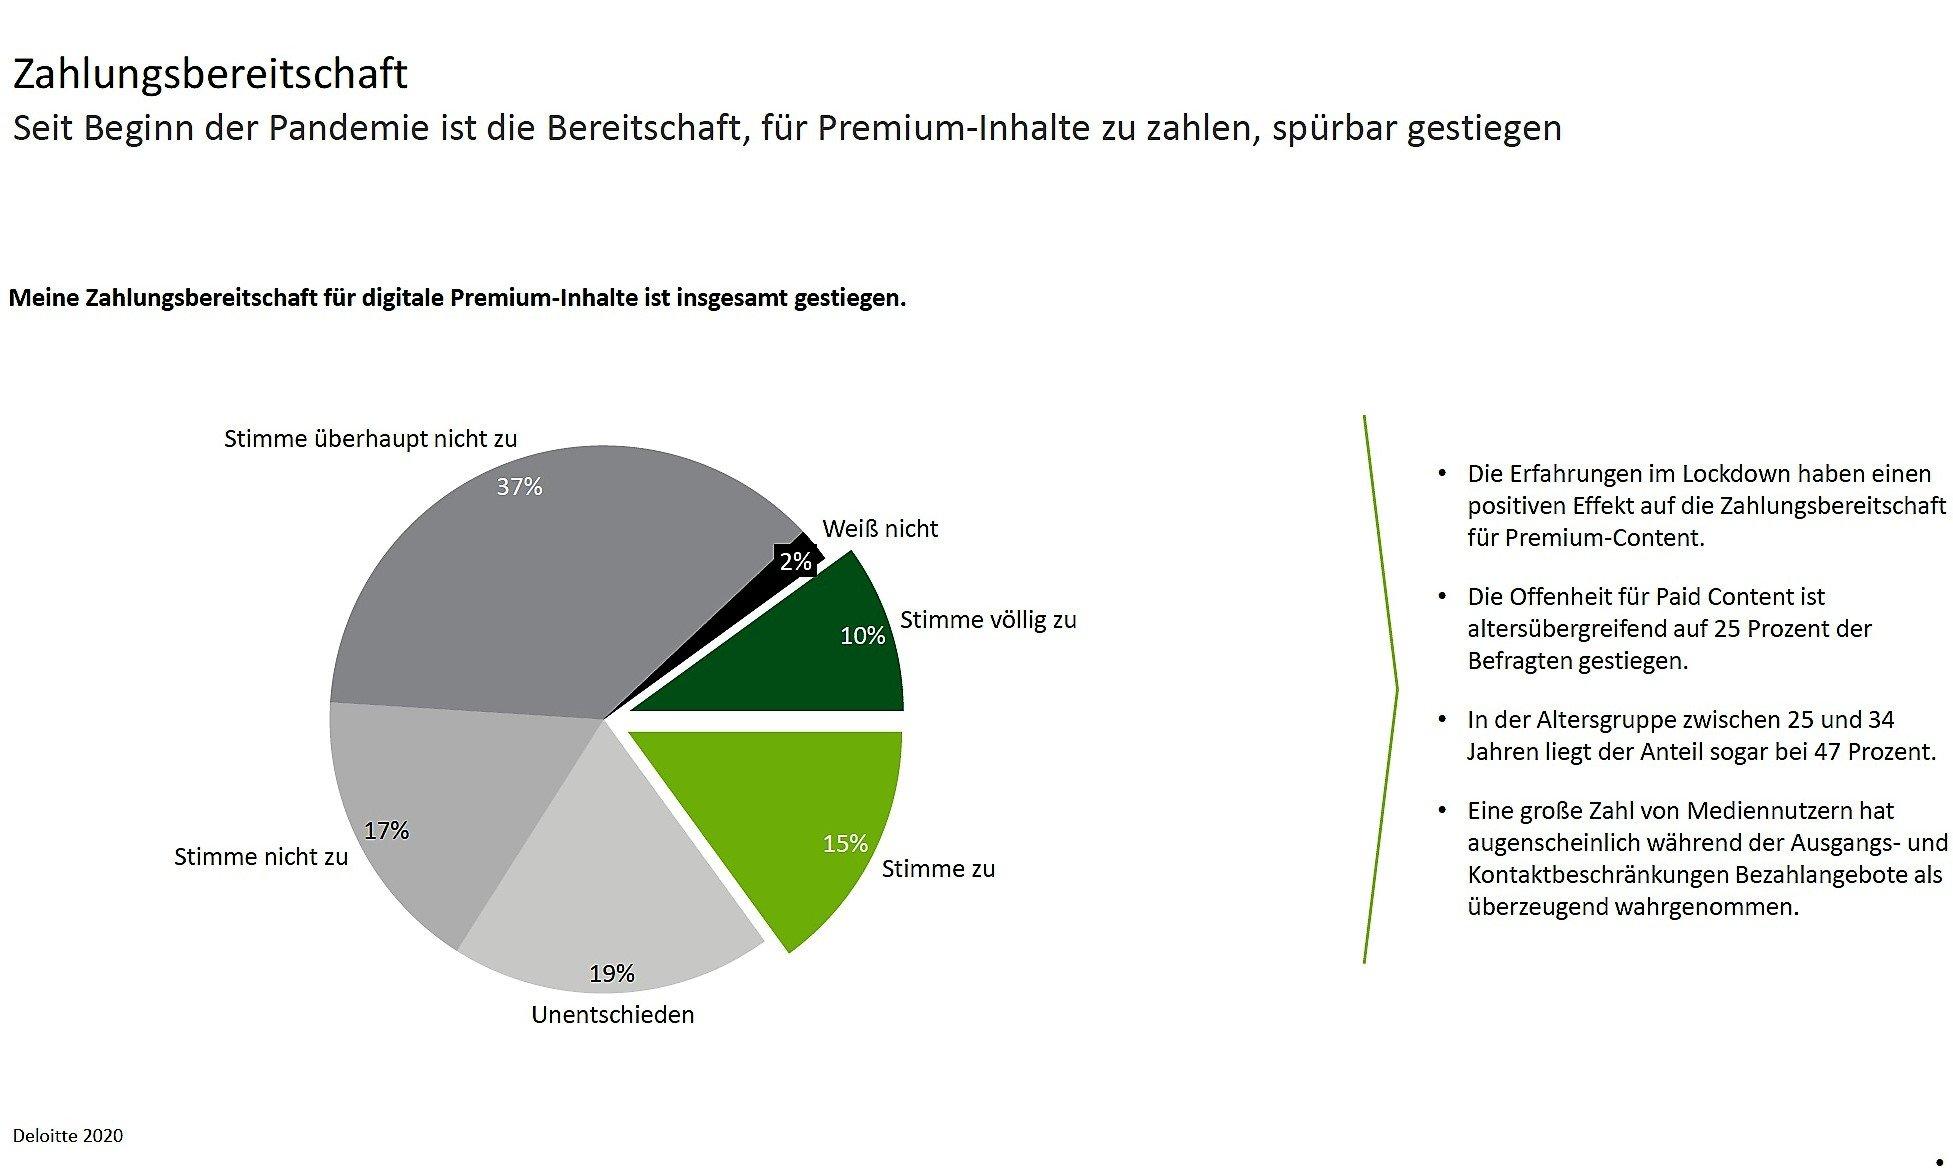 Mediennutzung Deloitte Grafik 3